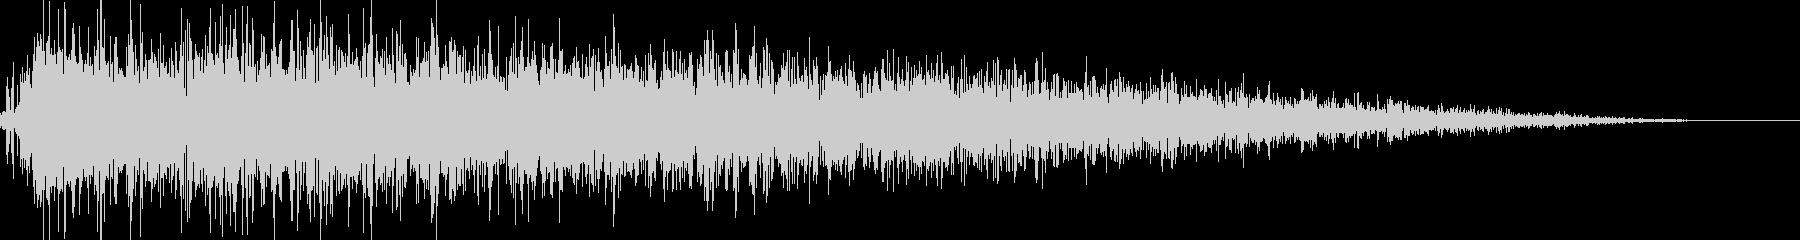 ロボット足音 タイプ10の未再生の波形